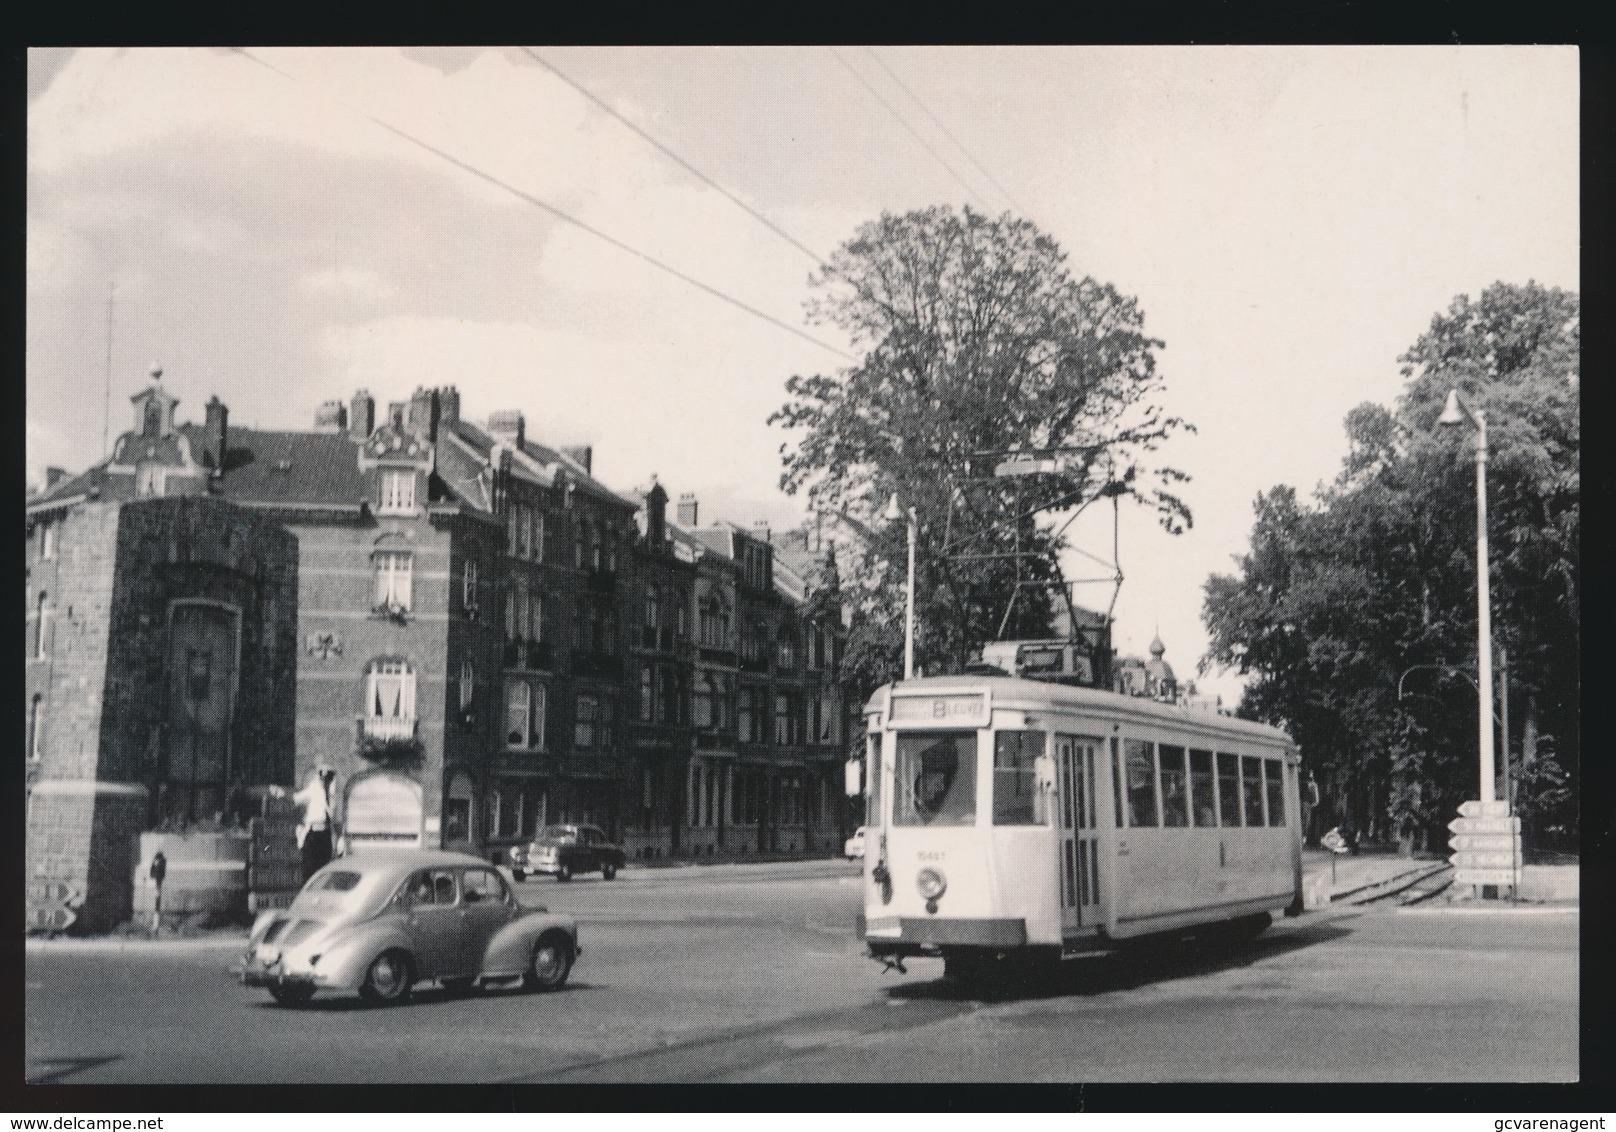 BRABANT  LIJN B  BRUSSEL LEUVEN  MOTORWAGEN N10493 LEUVEN TIENSEBAAN   1960  2 SCANS - Tramways